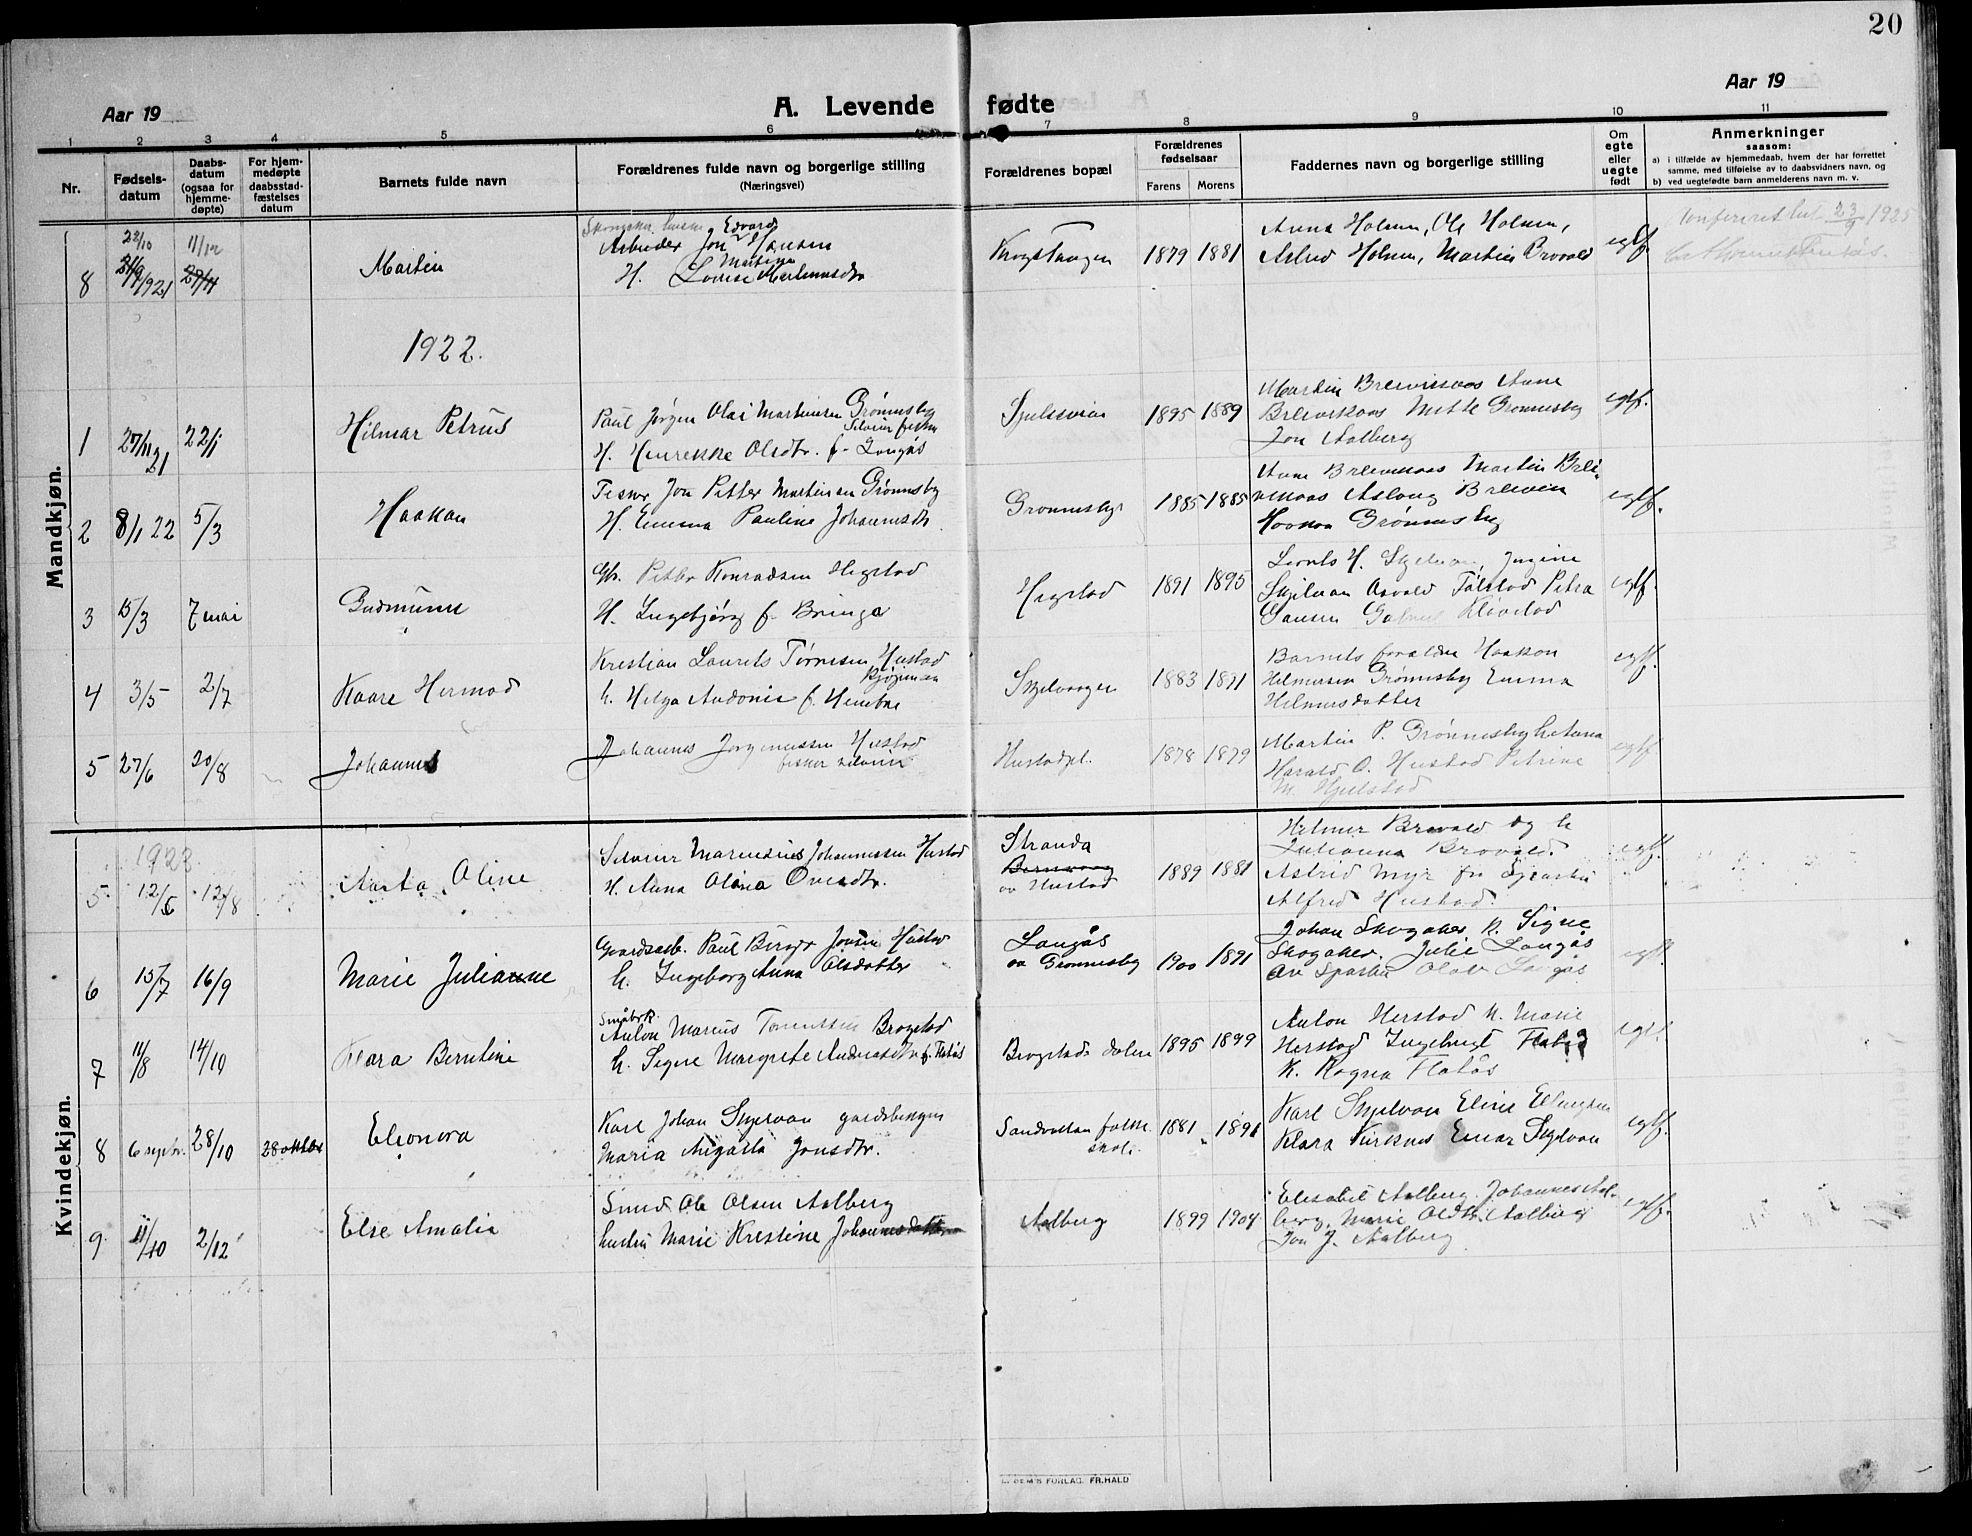 SAT, Ministerialprotokoller, klokkerbøker og fødselsregistre - Nord-Trøndelag, 732/L0319: Klokkerbok nr. 732C03, 1911-1945, s. 20